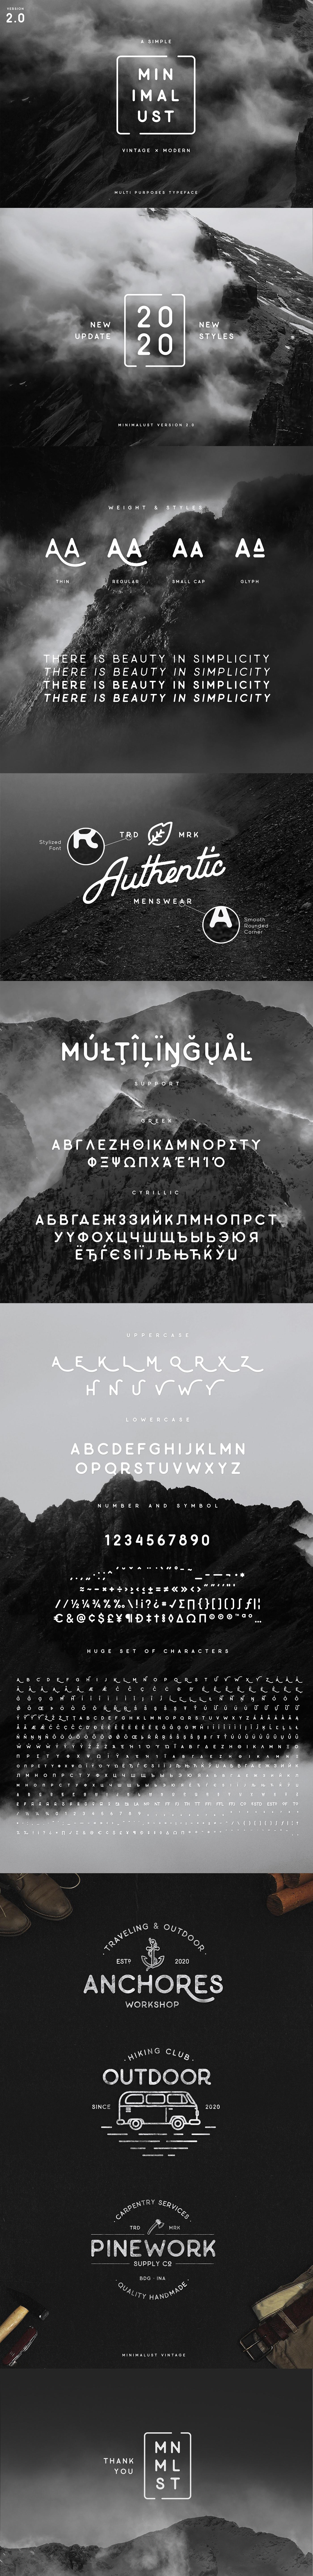 minimalist minimalist font Free font font design font Typeface minimal font Minimal typeface Nature minimalis rounded corner Smooth Edges